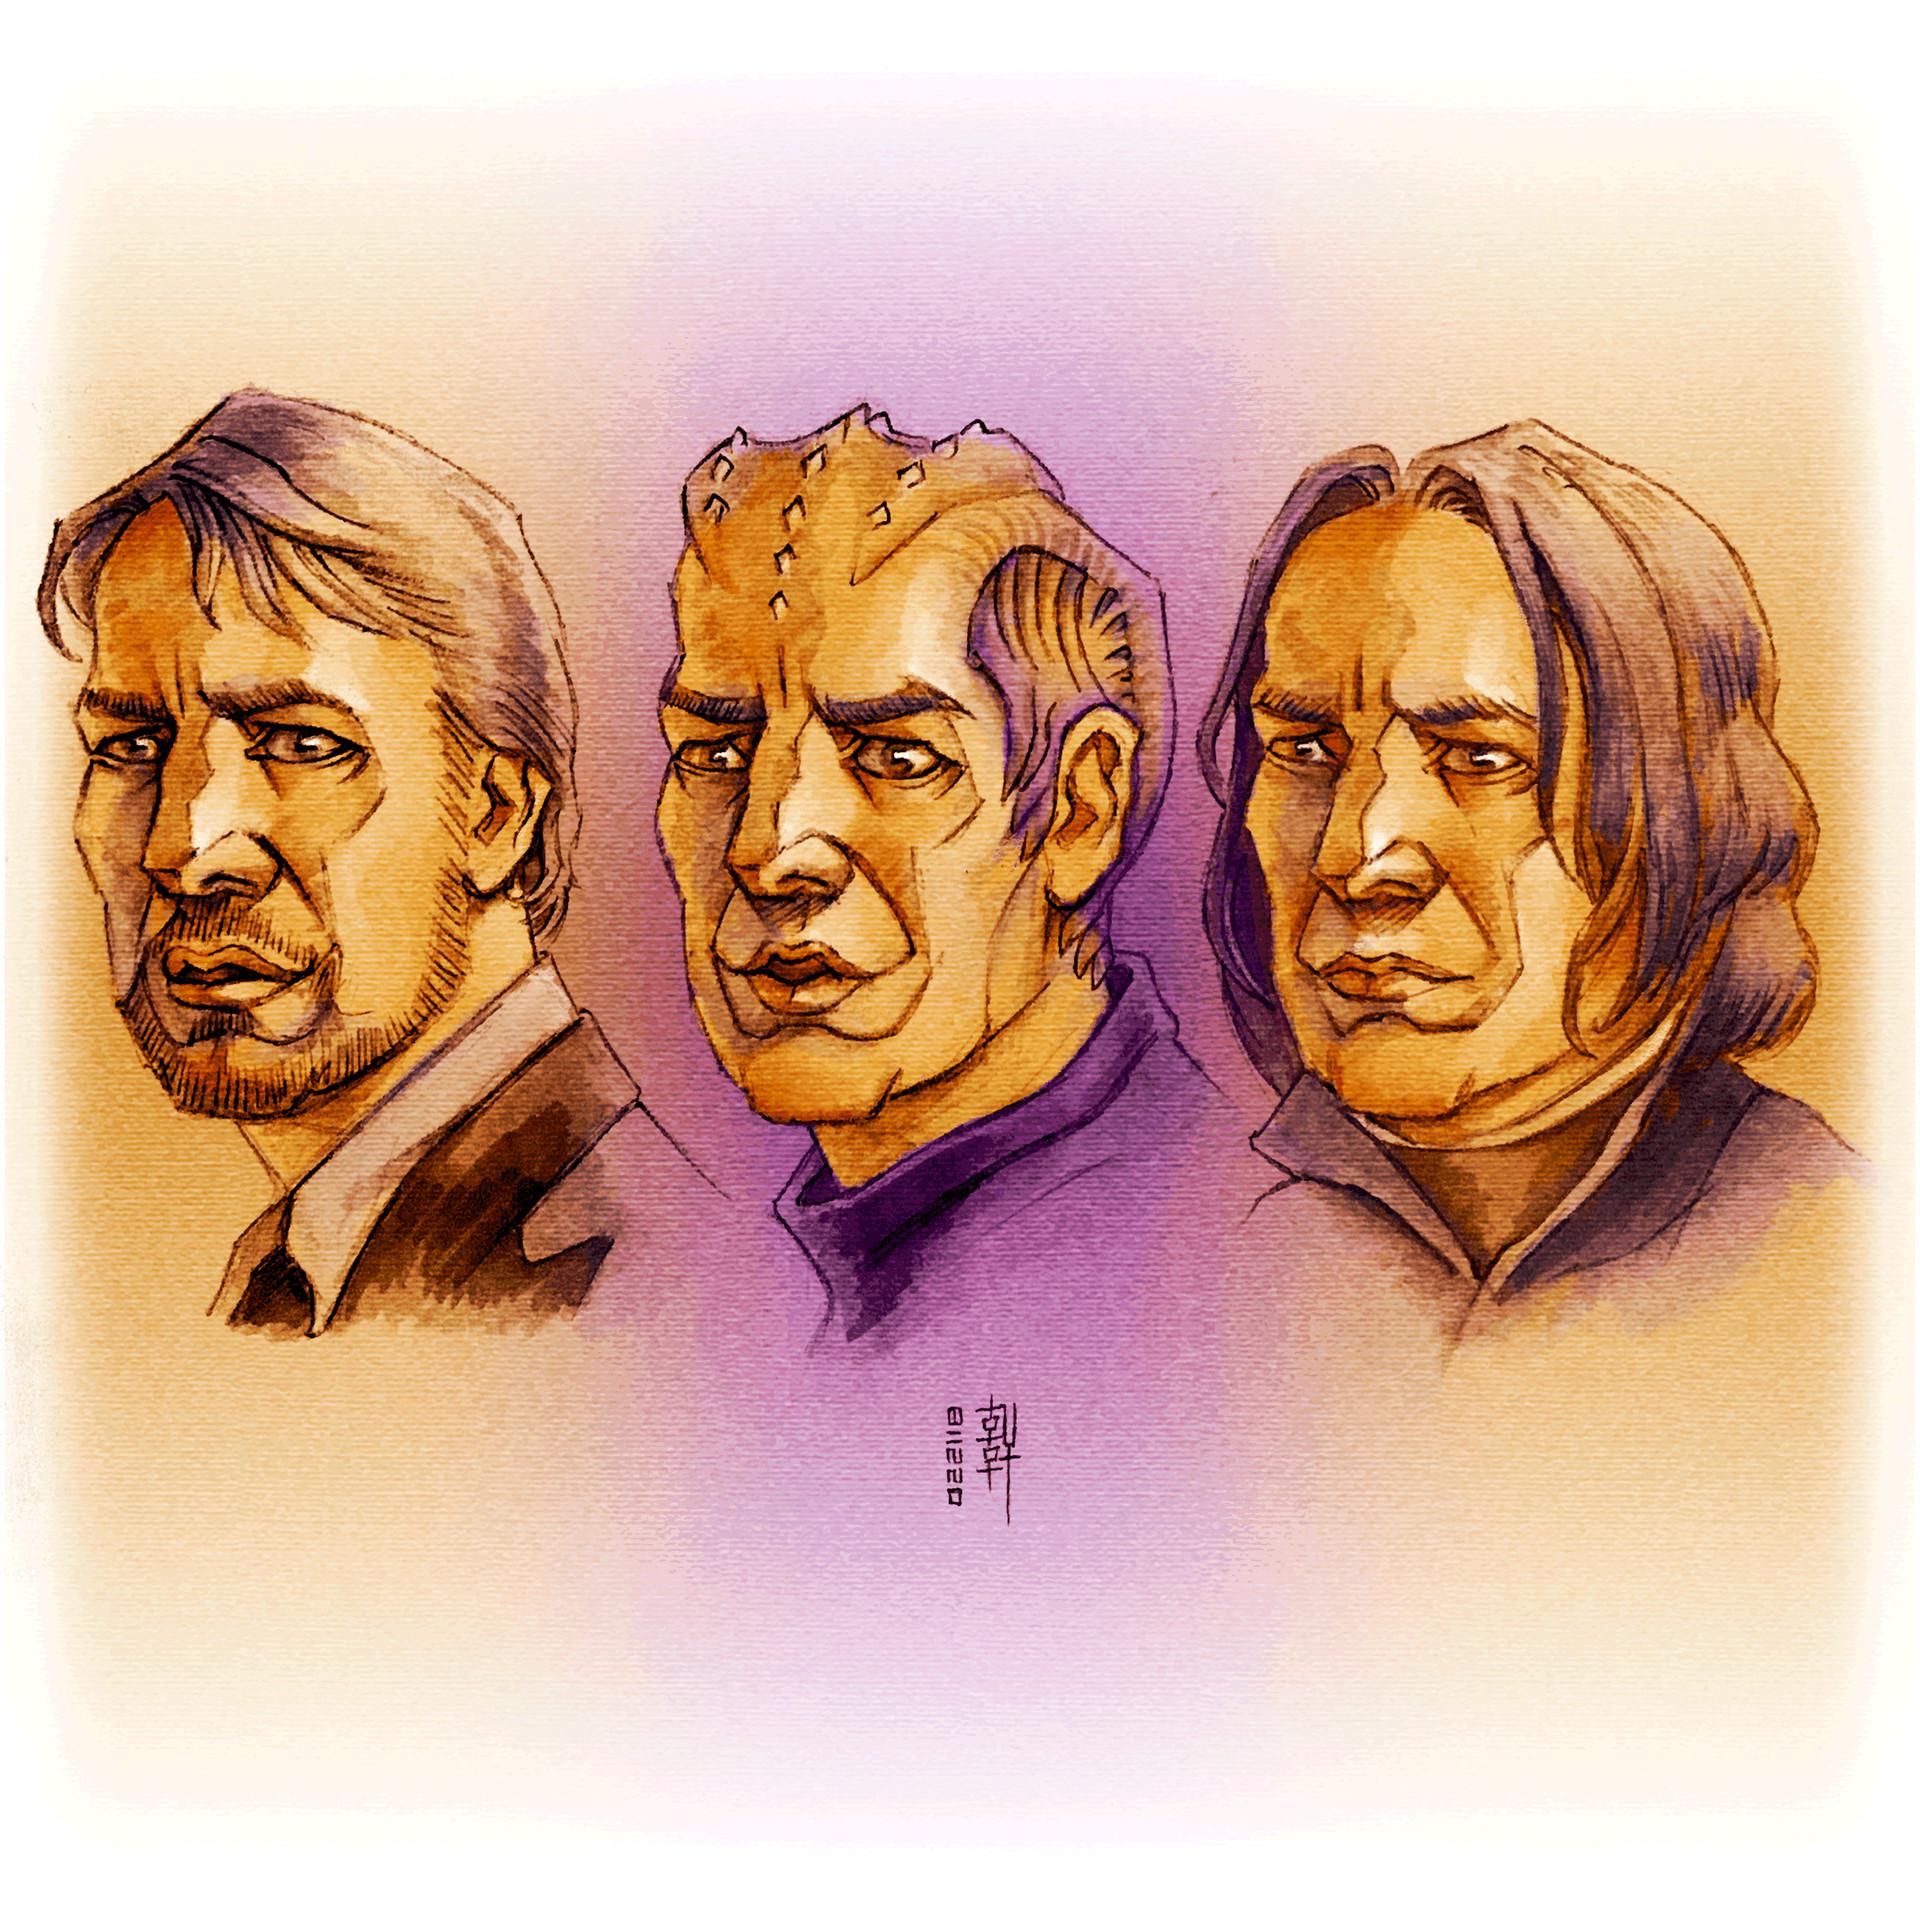 Day #15,154 - Gruber, Lazarus, Snape